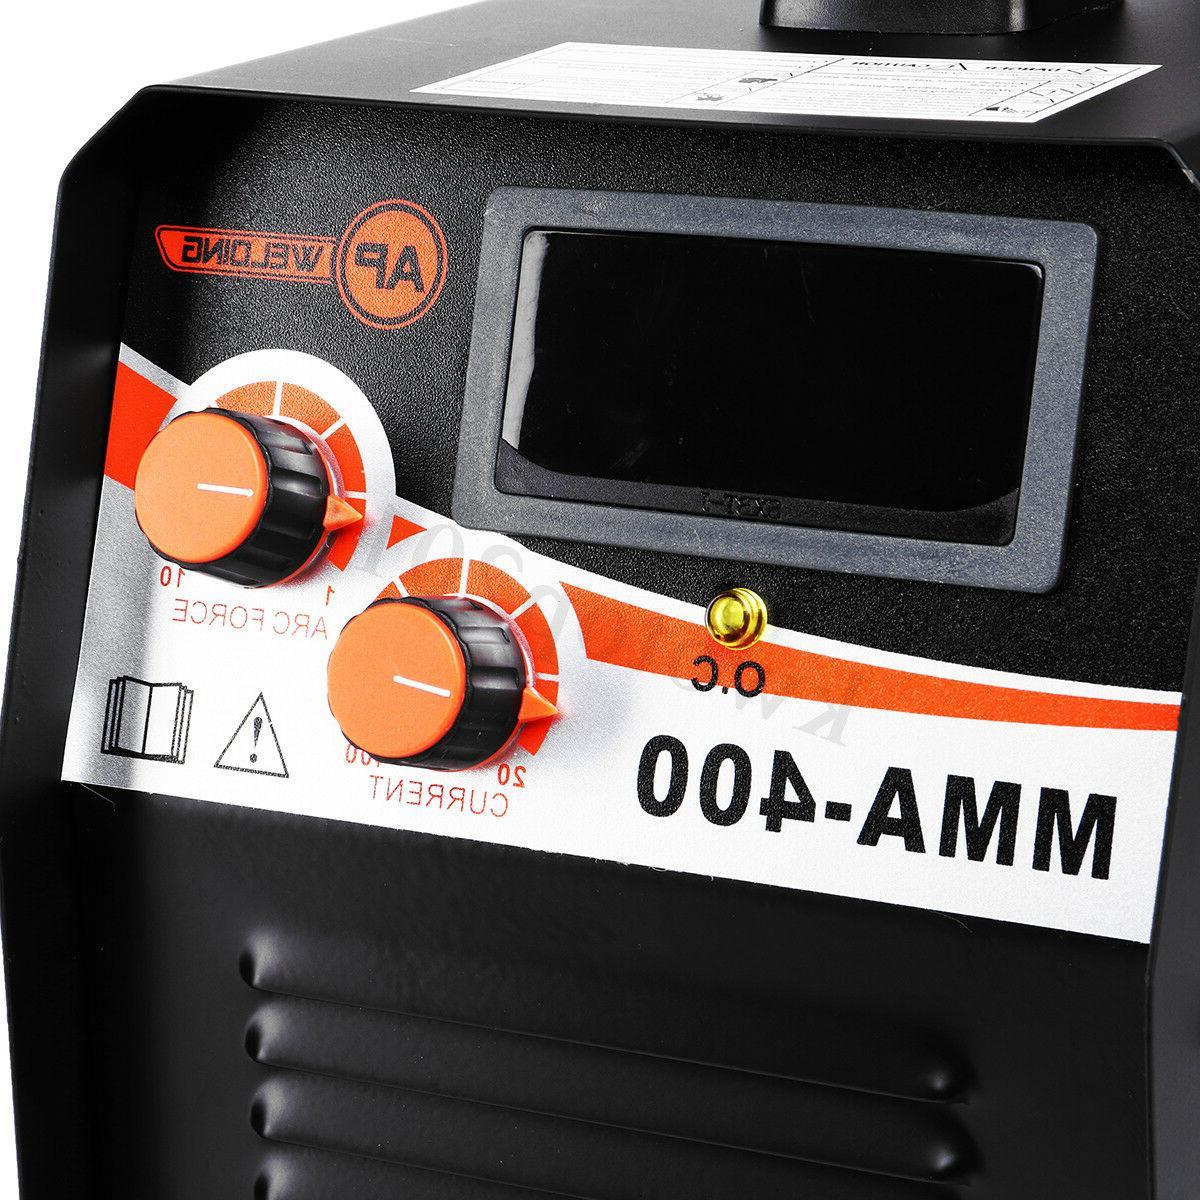 220V Digital DC Welder